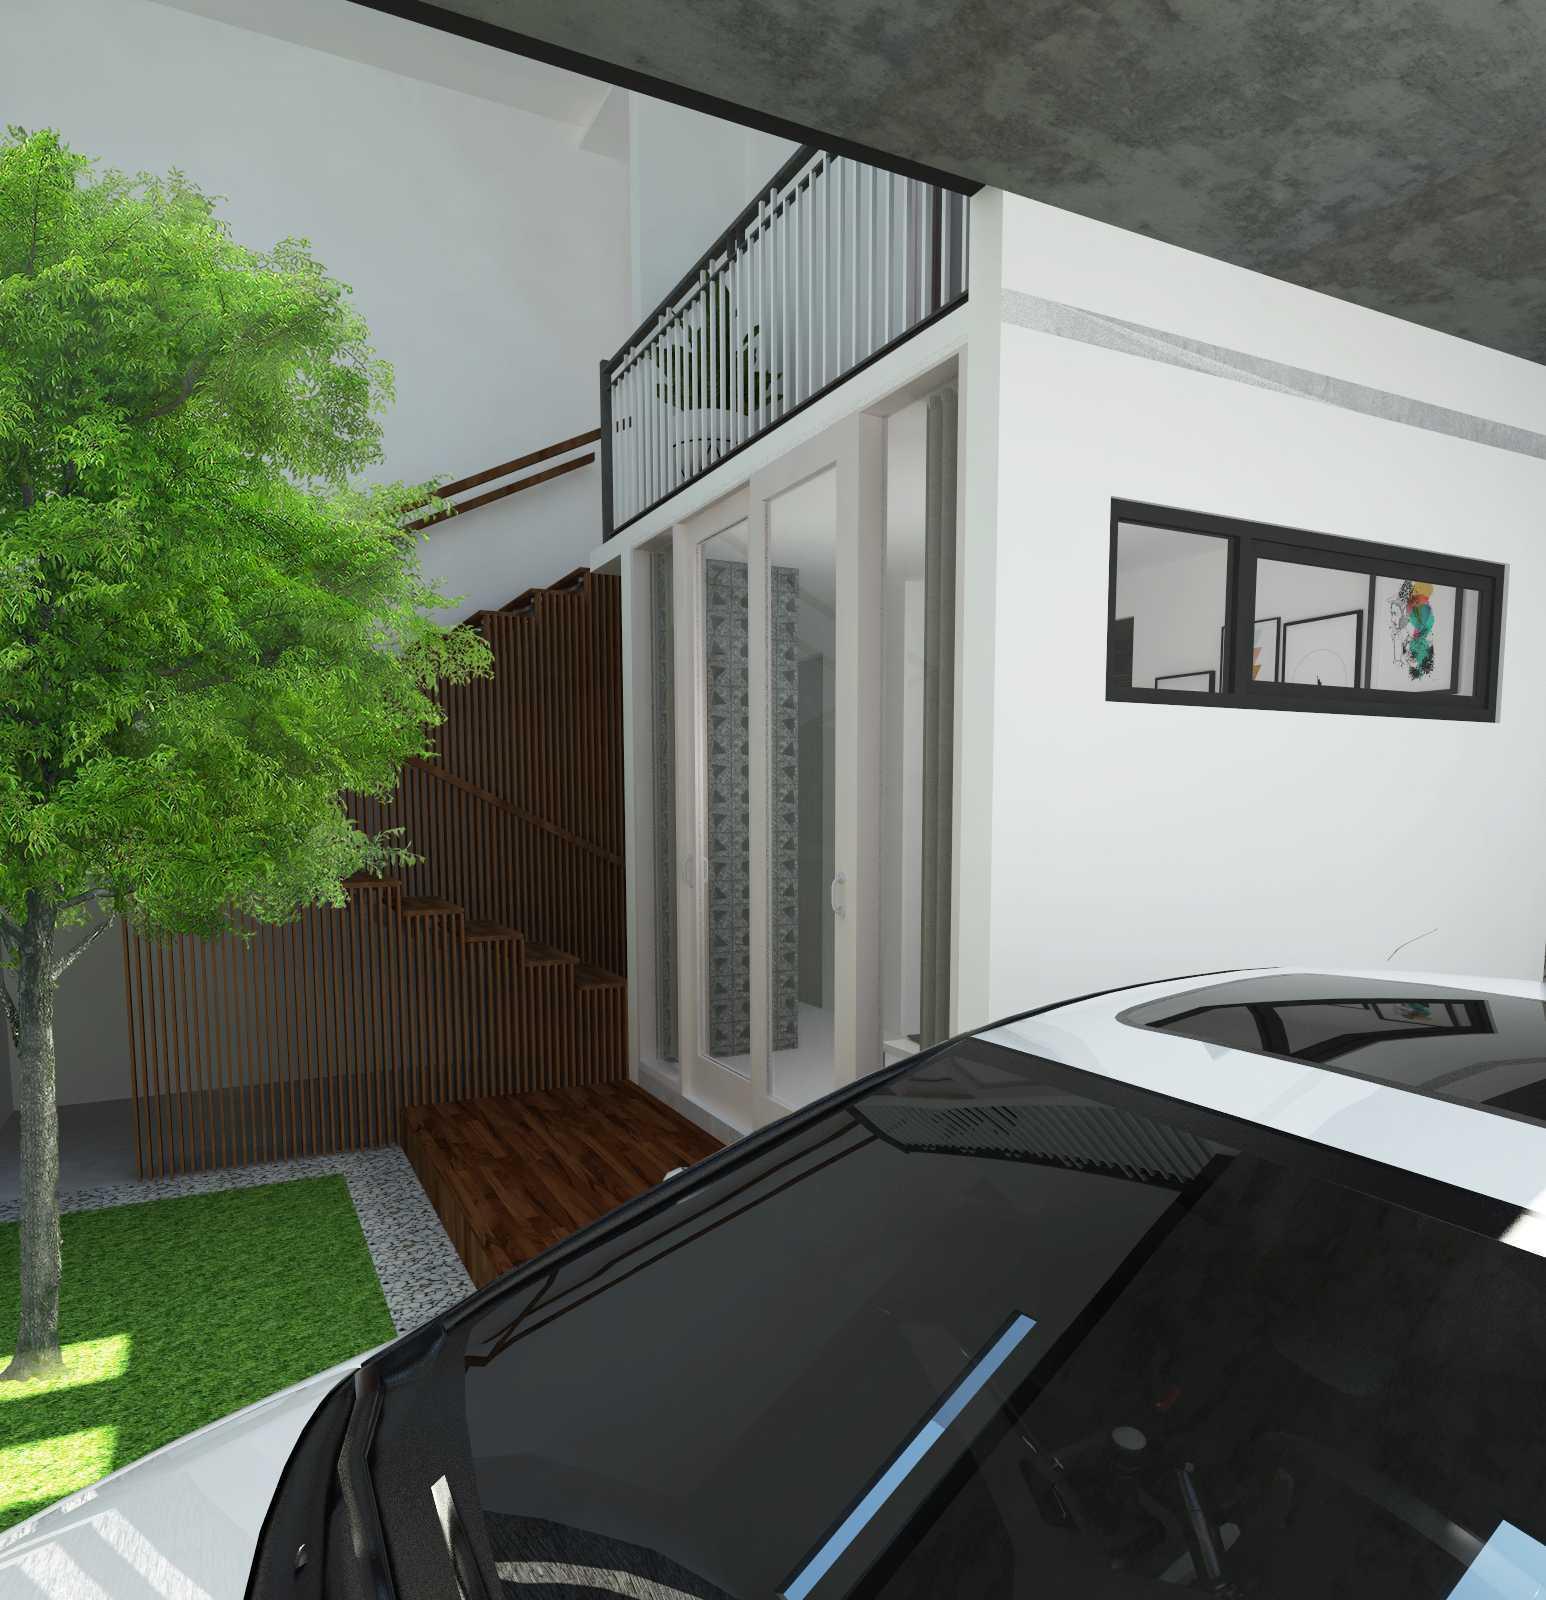 Astabumi Studio Omah Taman Singgah Tegal Tegal, Kota Tegal, Jawa Tengah, Indonesia Tegal, Kota Tegal, Jawa Tengah, Indonesia Astabumi-Architect-Interior-Design-Omah-Taman-Singgah-Tegal  84115